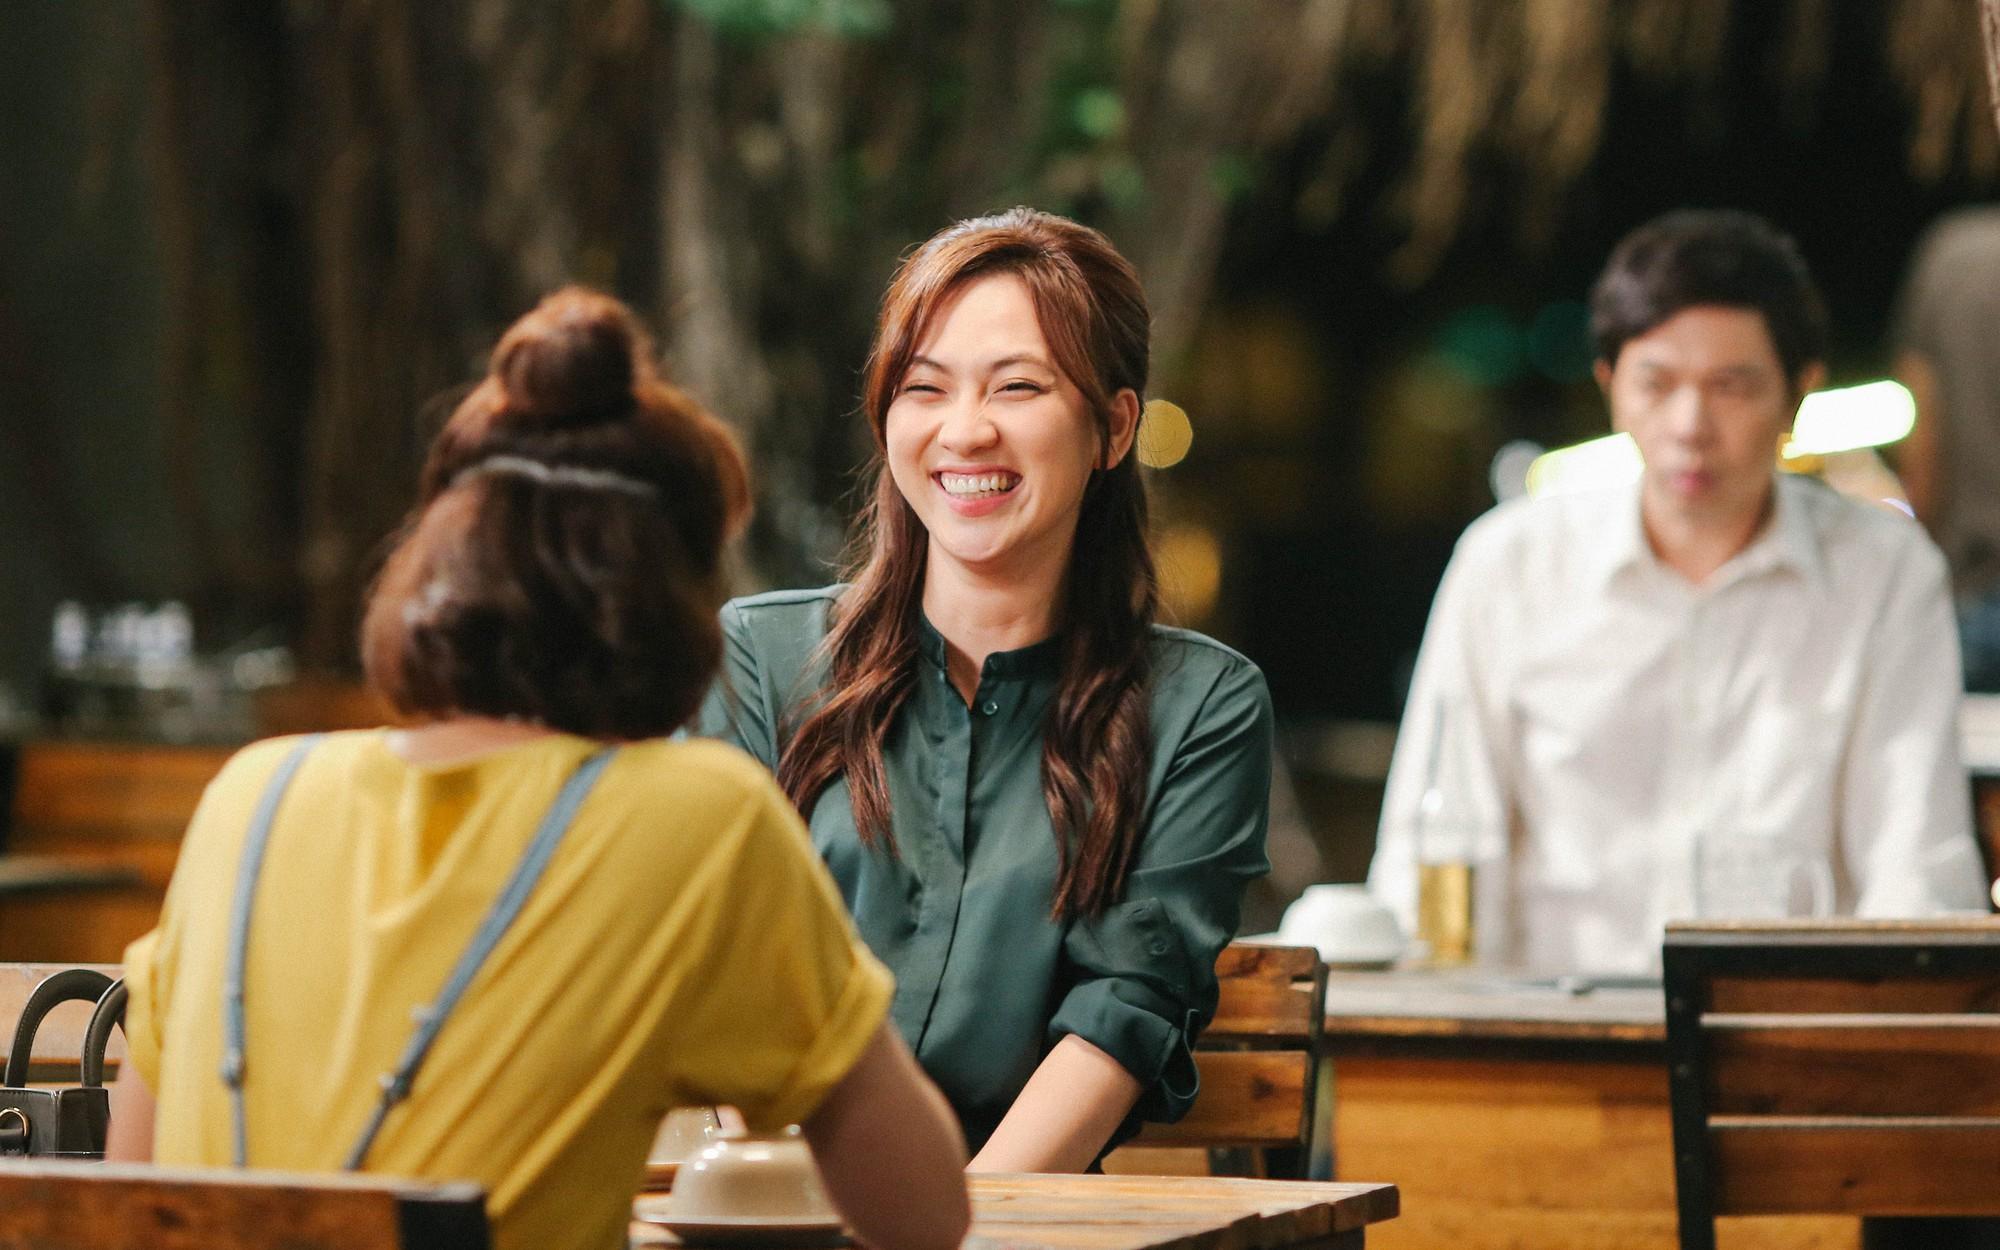 14 sự thật hiểm hóc đằng sau ống kính Chàng Vợ Của Em - phim Việt đáng xem nhất hiện tại - Ảnh 1.